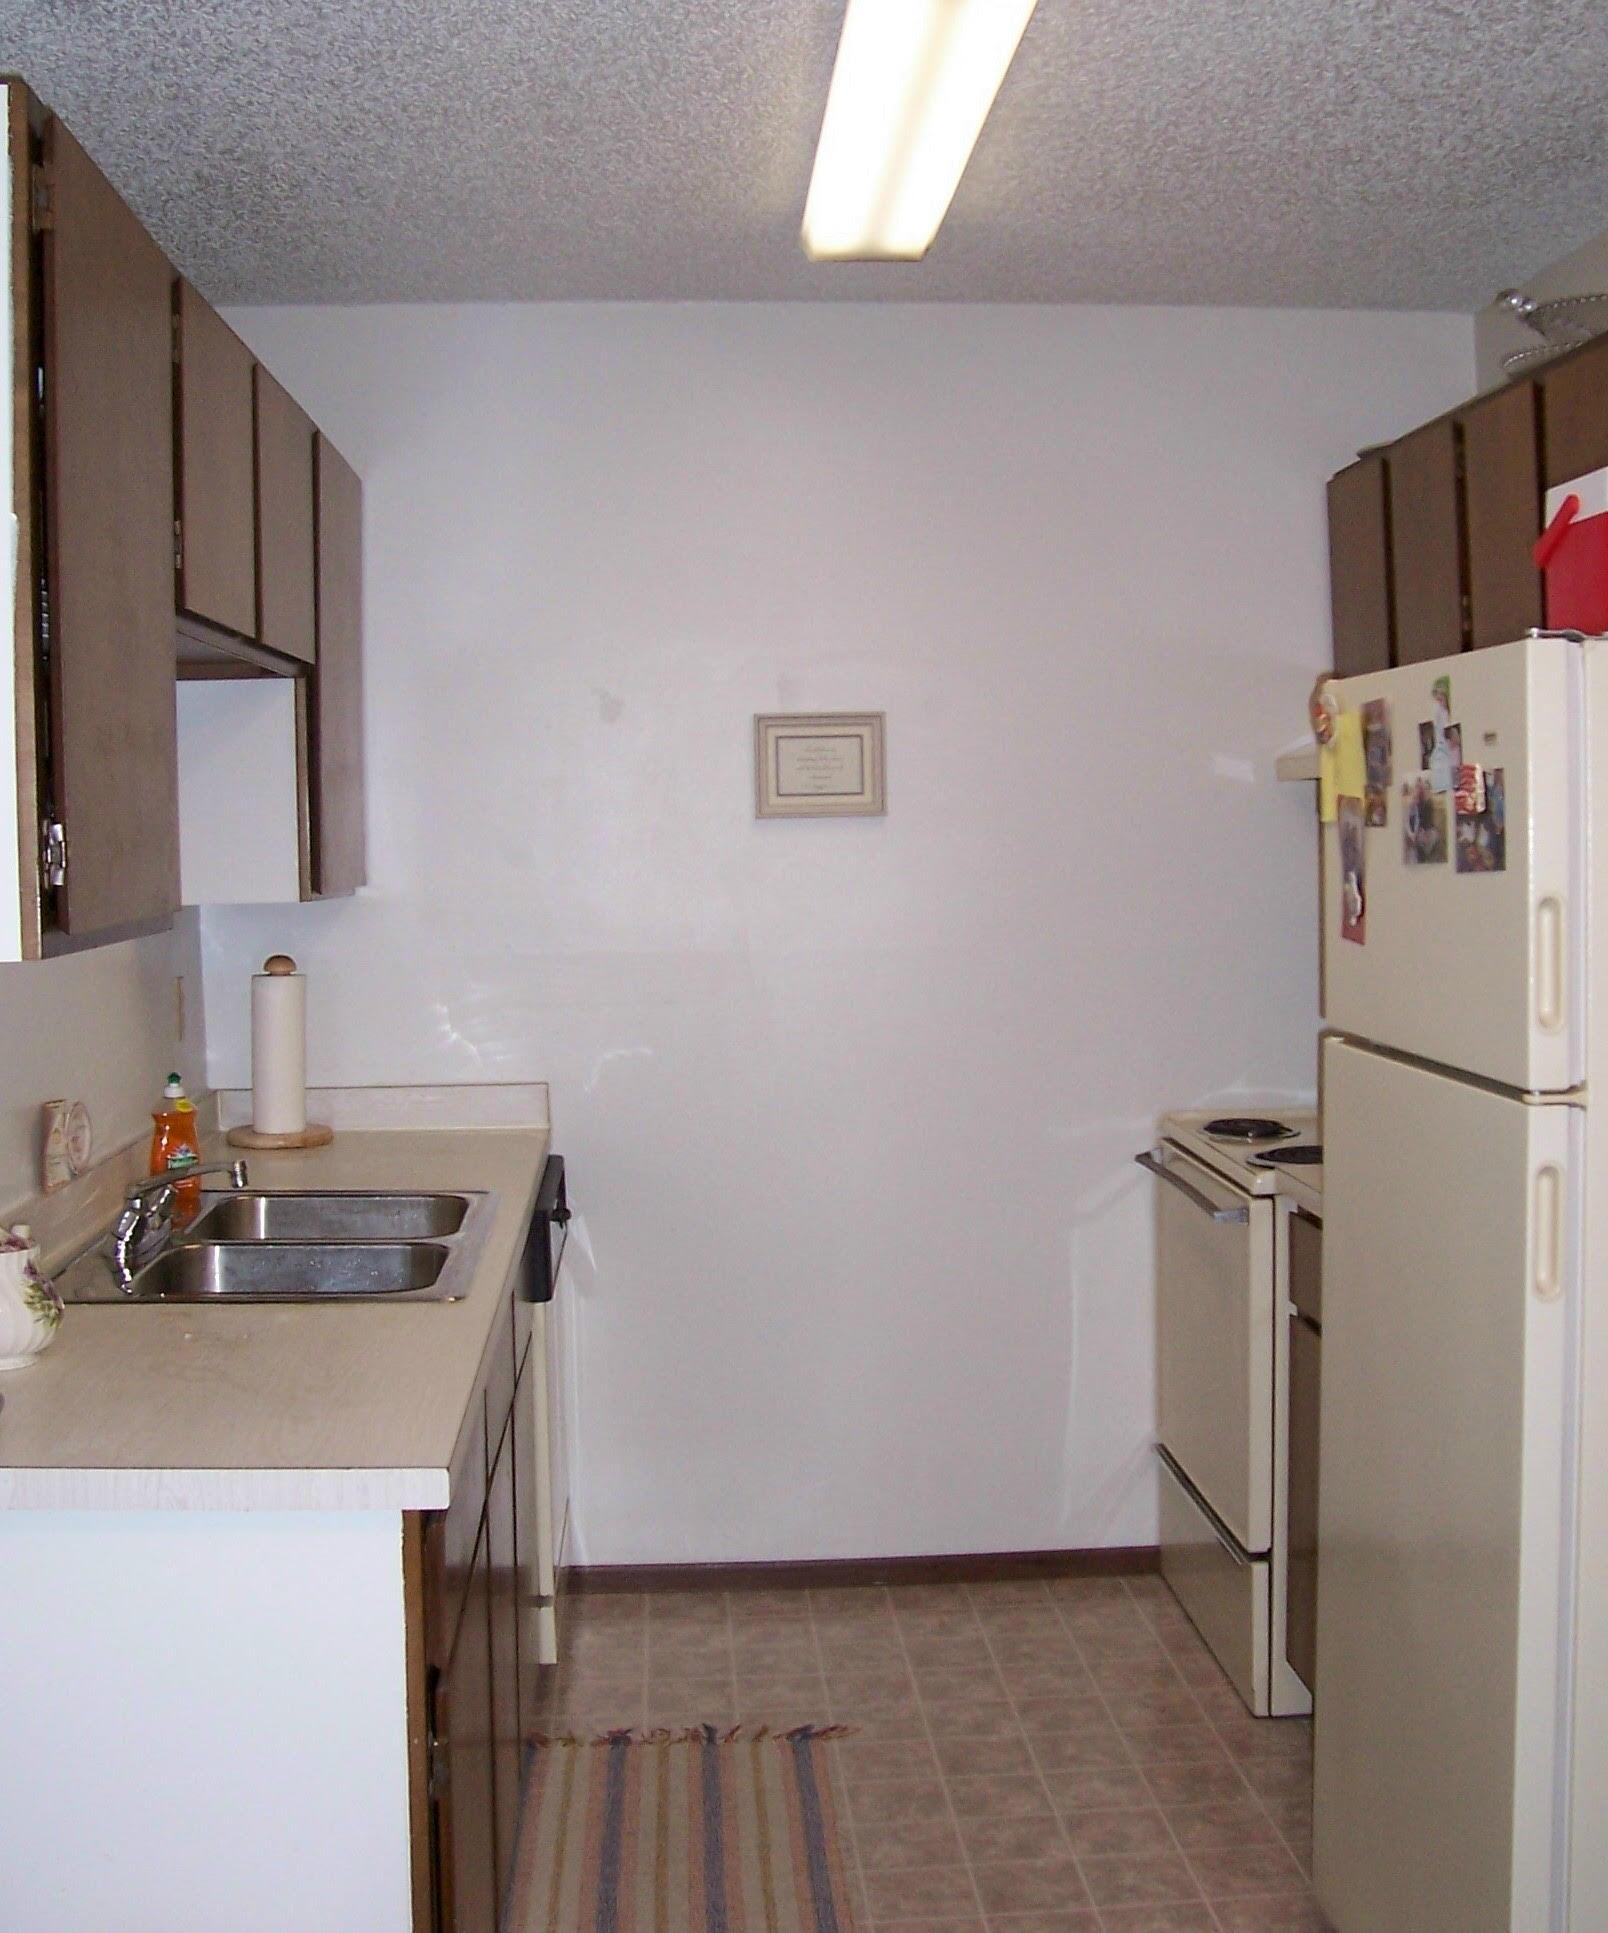 Our Basement Apartment Kitchen